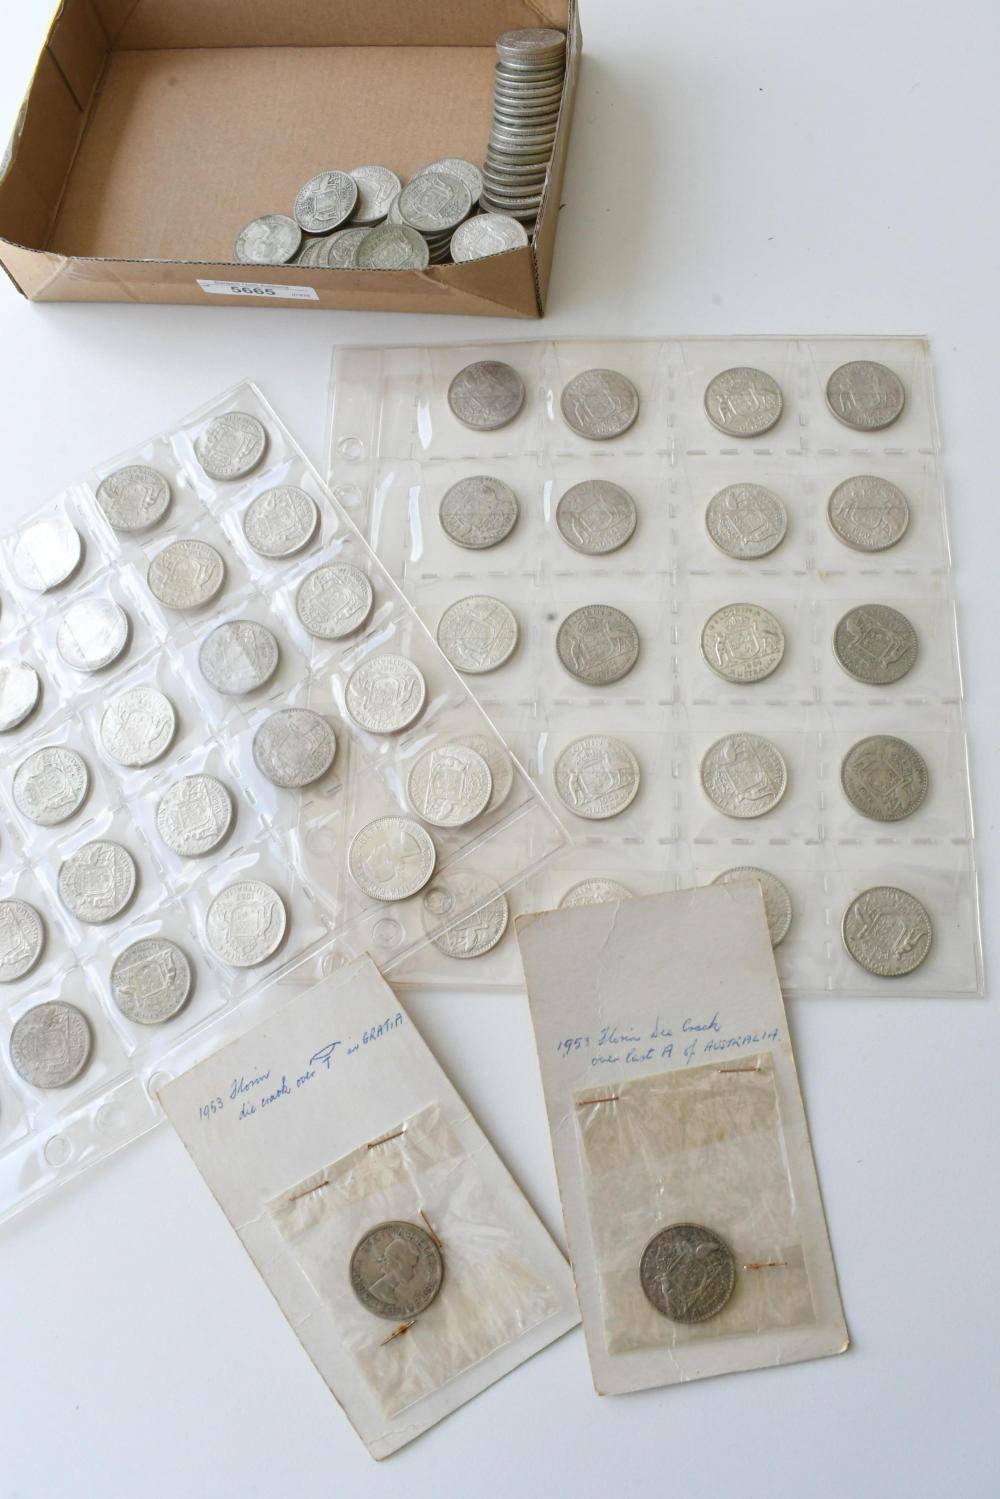 Approx. 105 Australian Florin coins